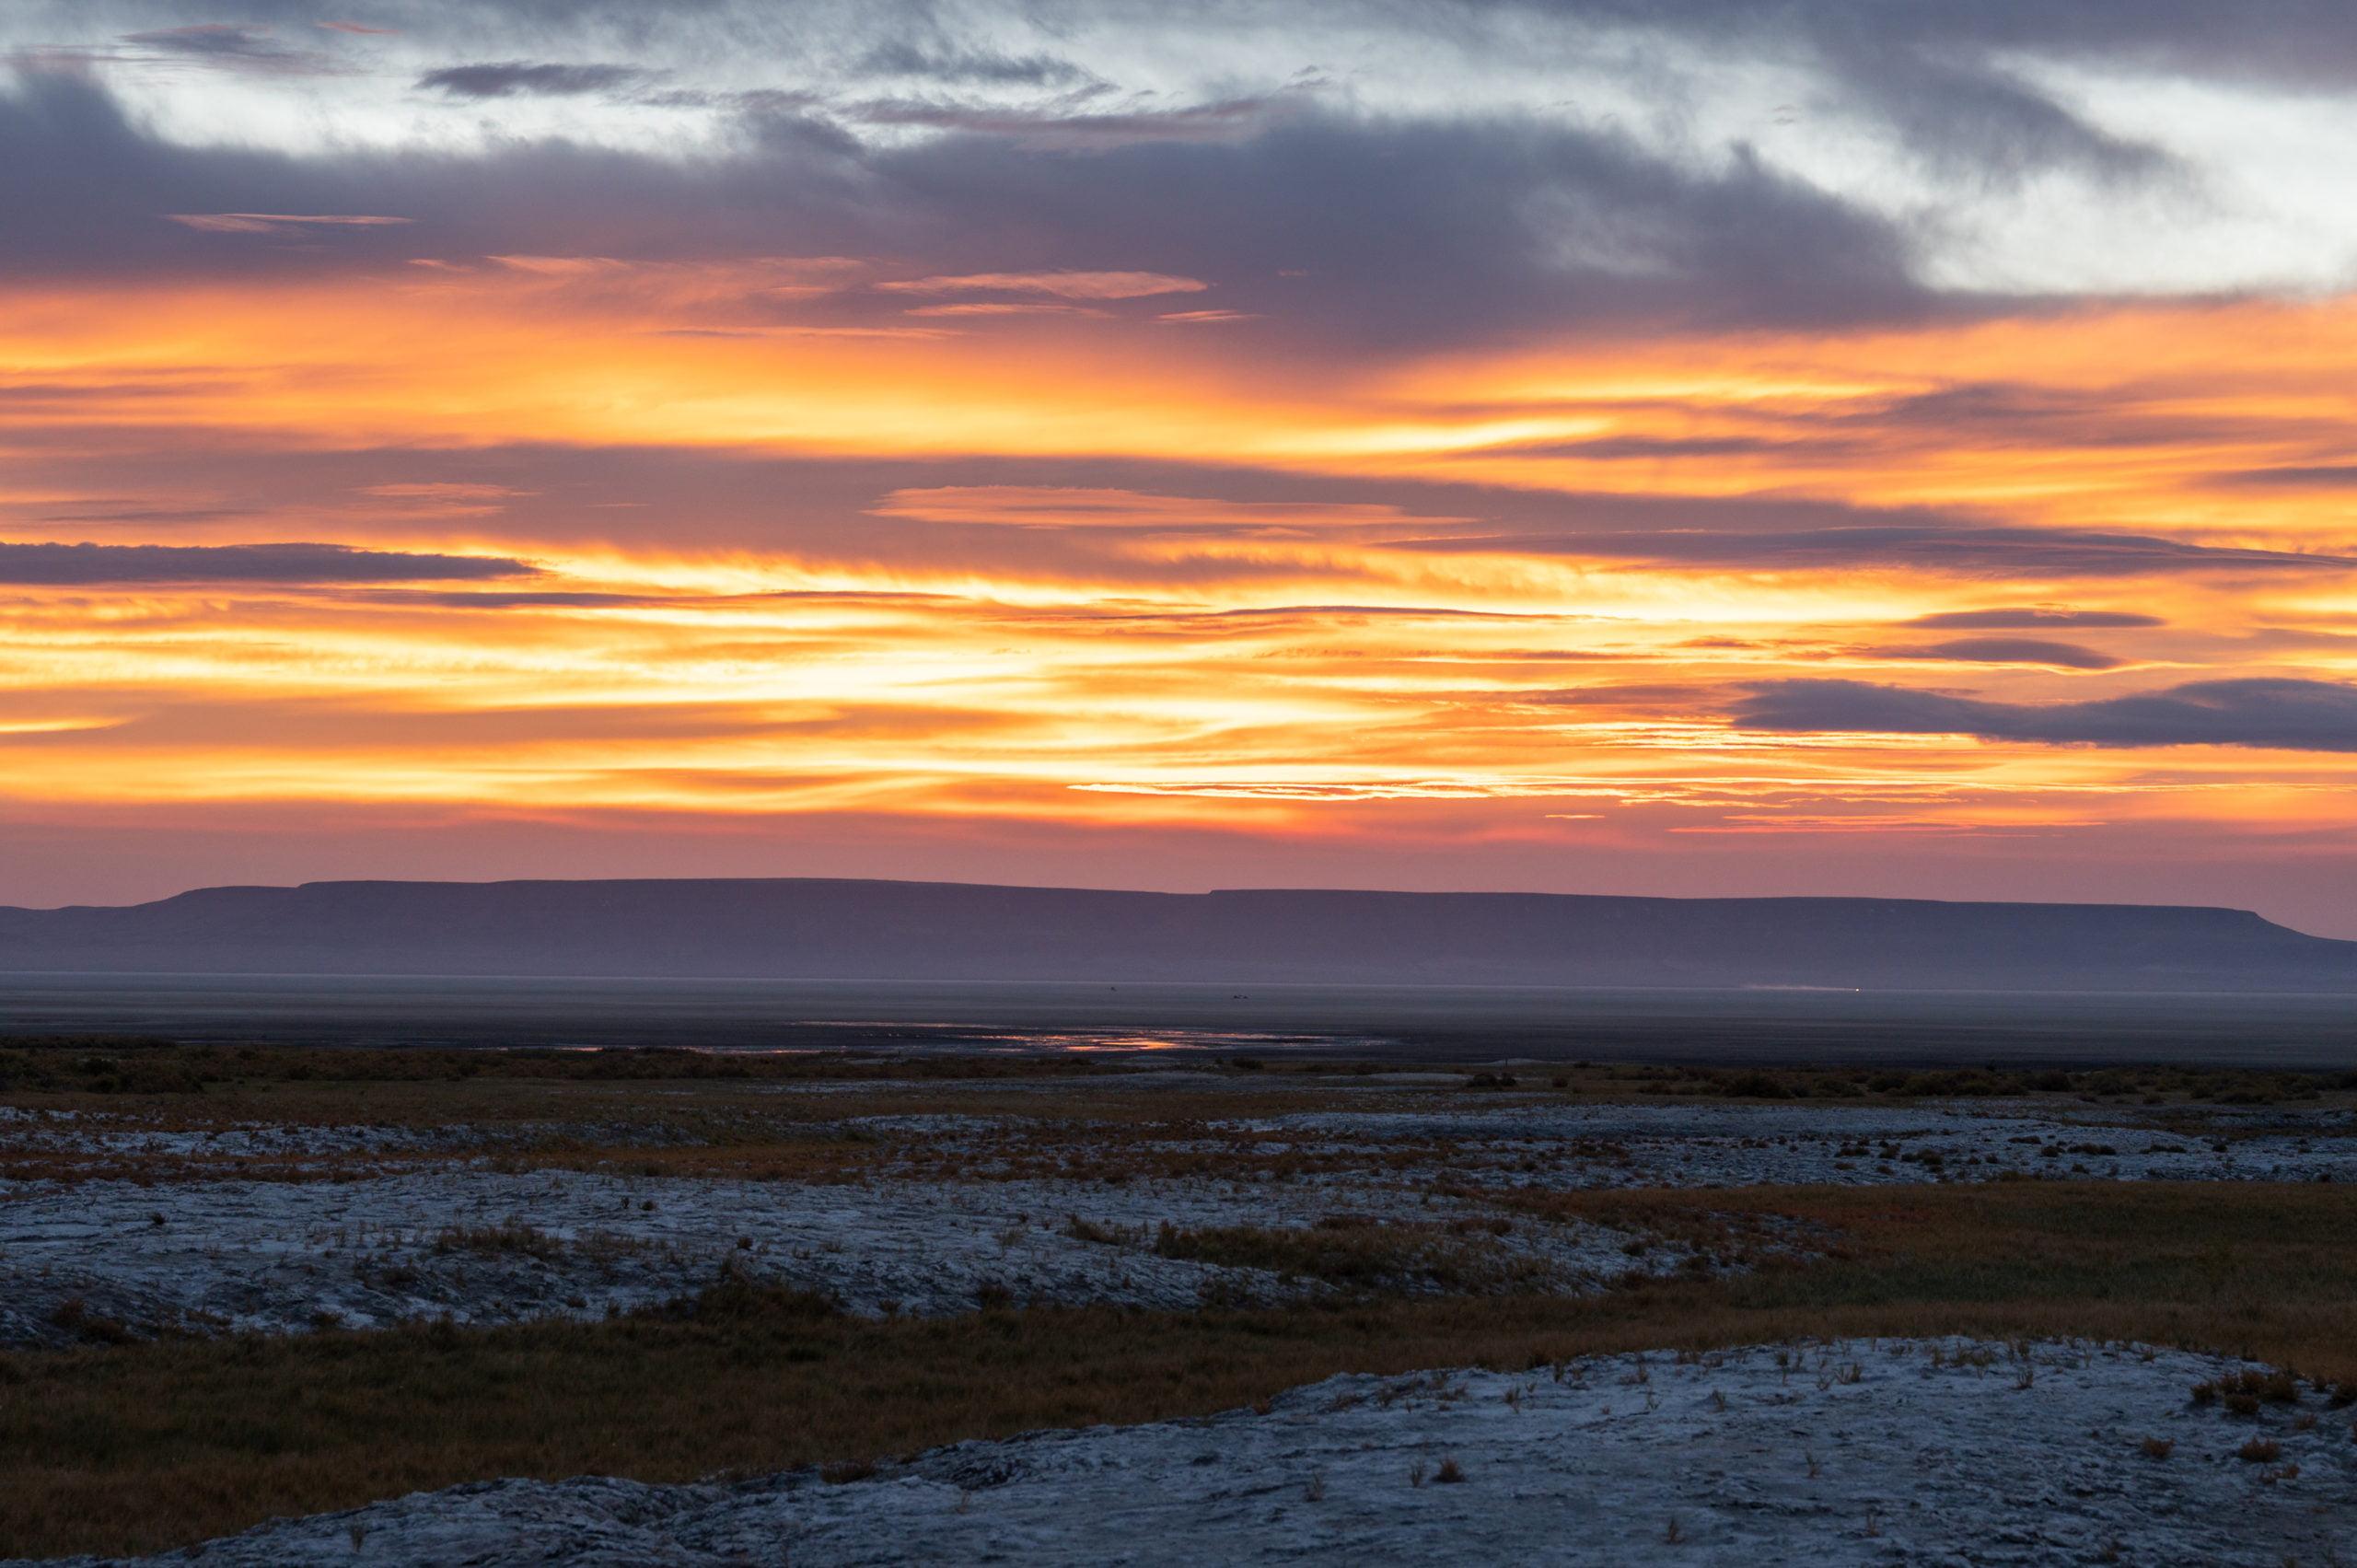 sunrise over the Alvord Desert